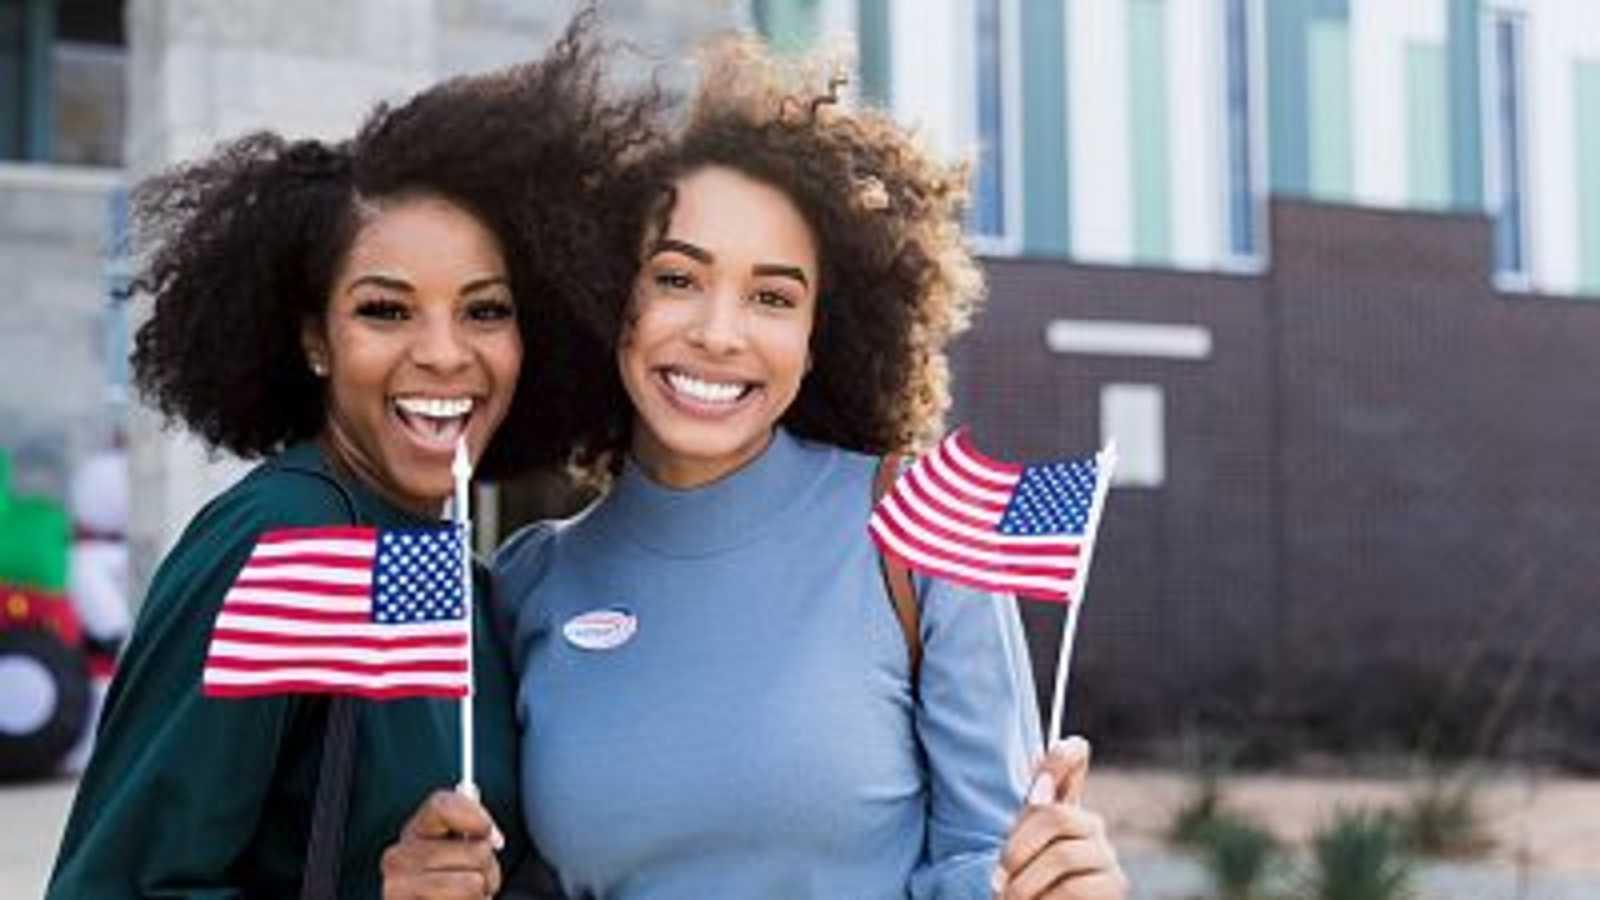 Reportajes 5 Continentes - Elecciones en EE.UU.: el voto femenino